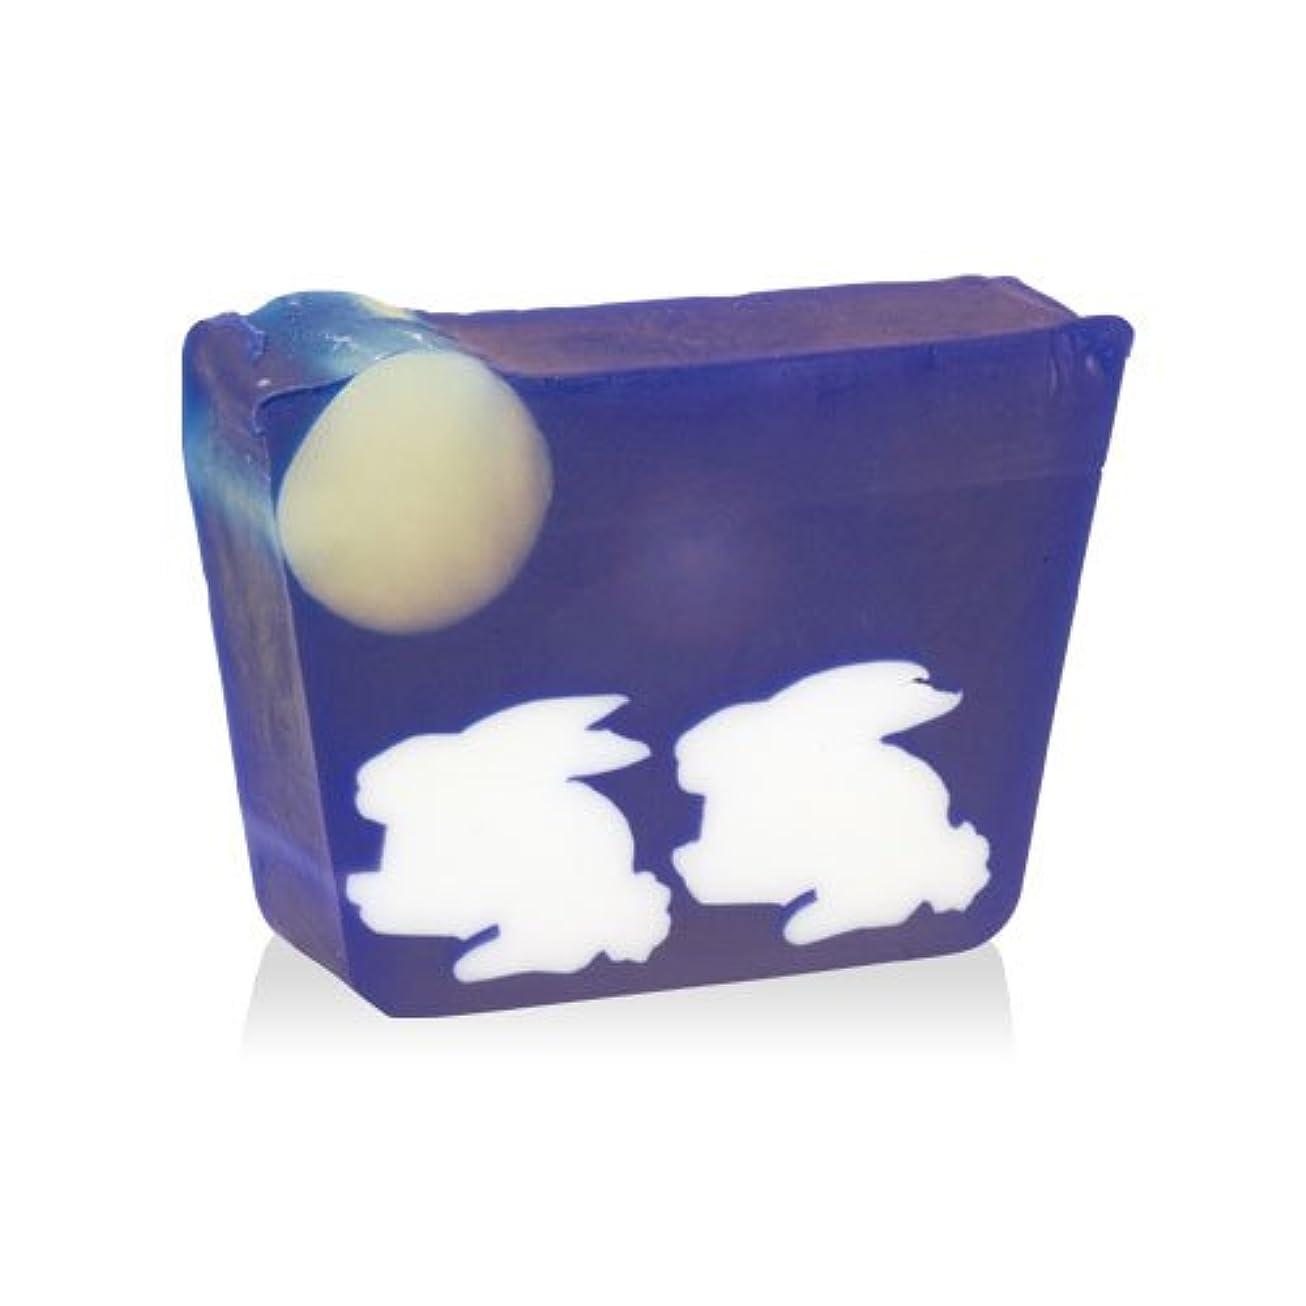 うつ柔らかさシビックプライモールエレメンツ アロマティック ミニソープ 月とうさぎ 80g 植物性 ナチュラル 石鹸 無添加